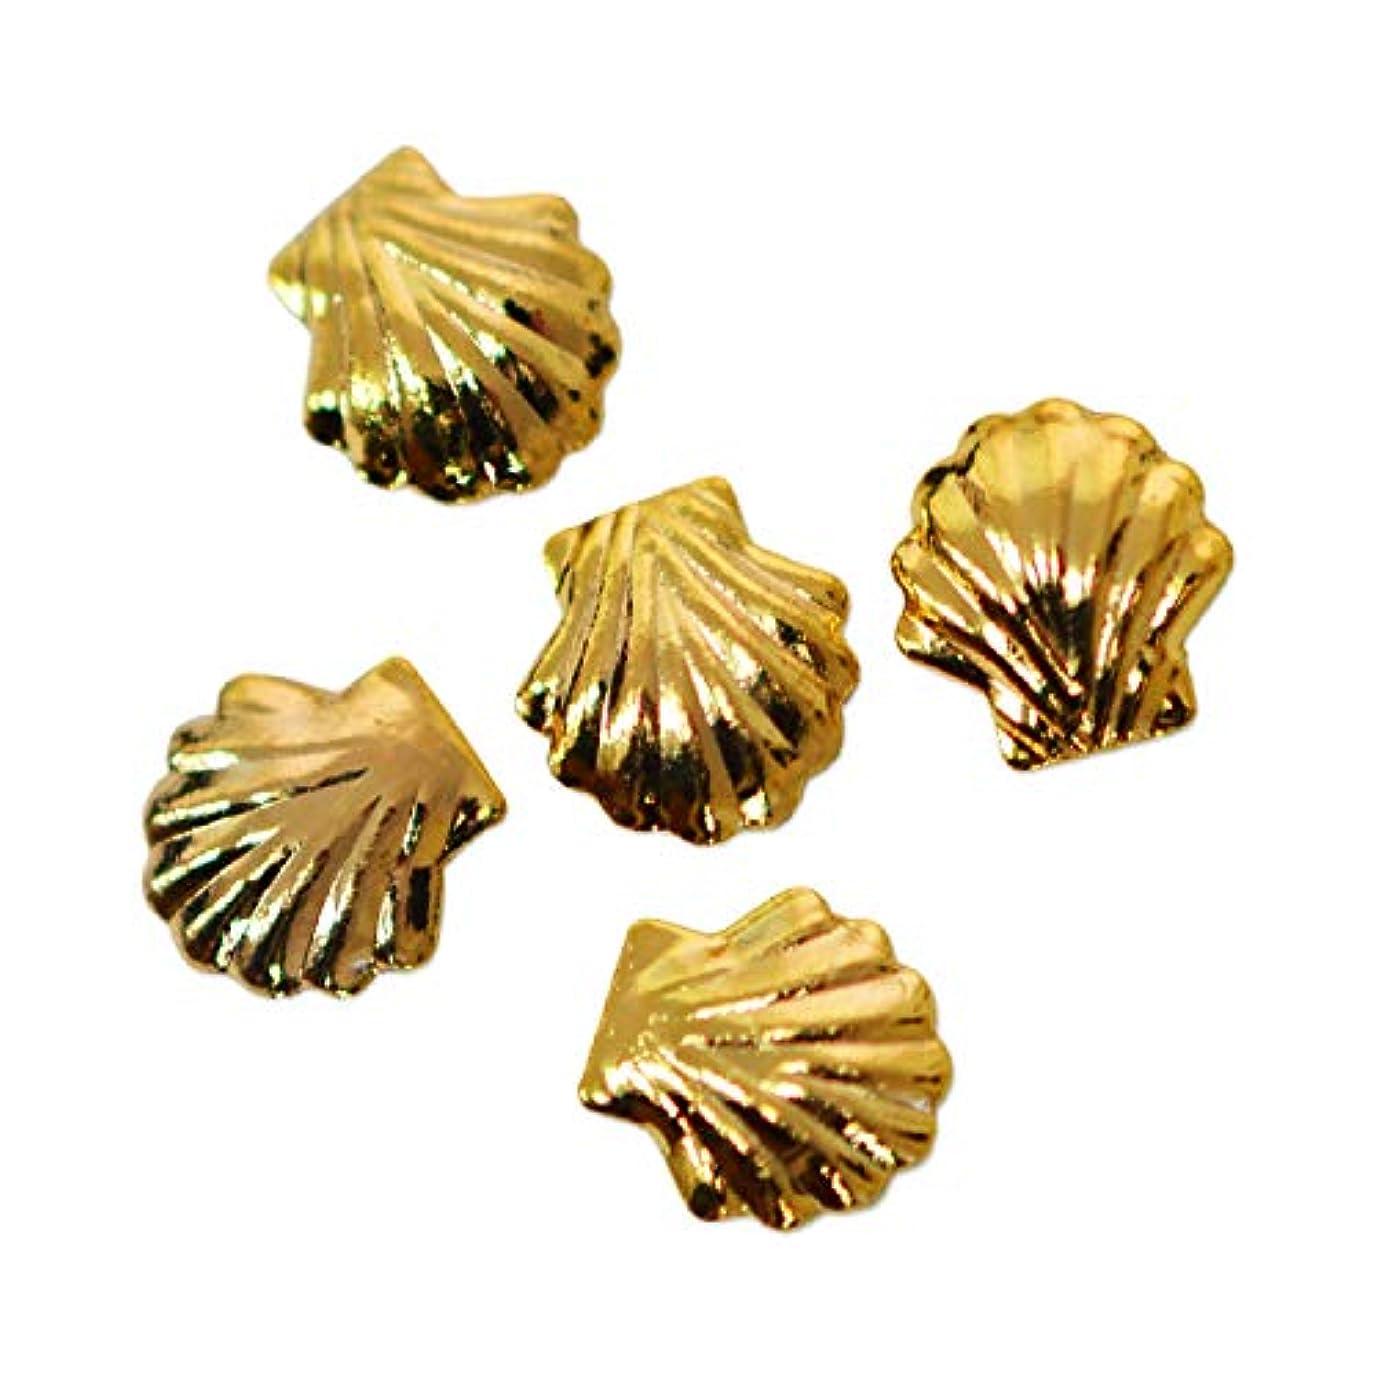 赤道誰が飛行場メタルパーツ シェル ゴールド 5ミリ 30粒 ネイルパーツ 貝殻 メタルシェル シェルメタル gold